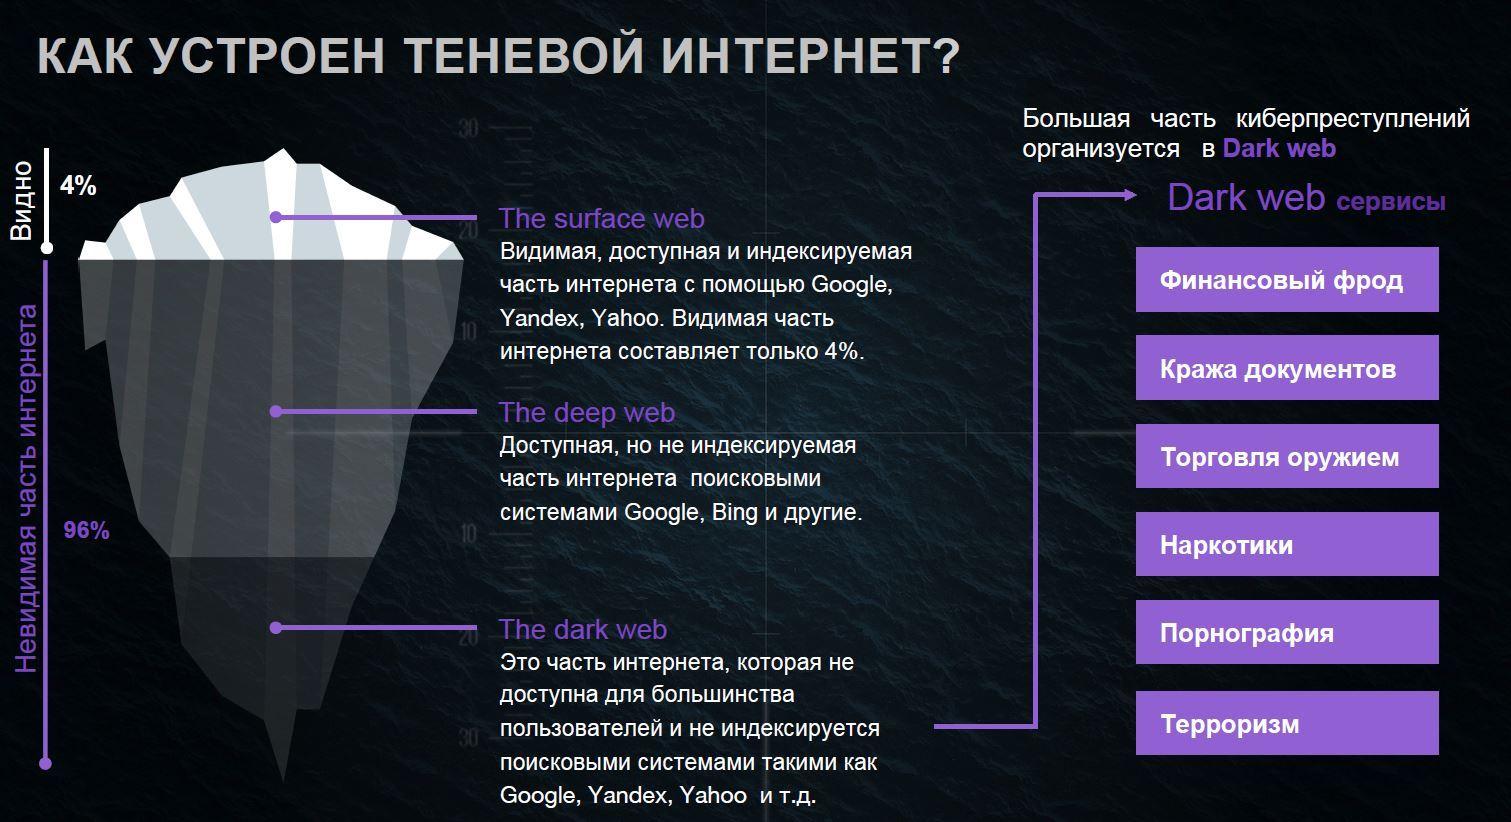 Безопасность в DarkNet